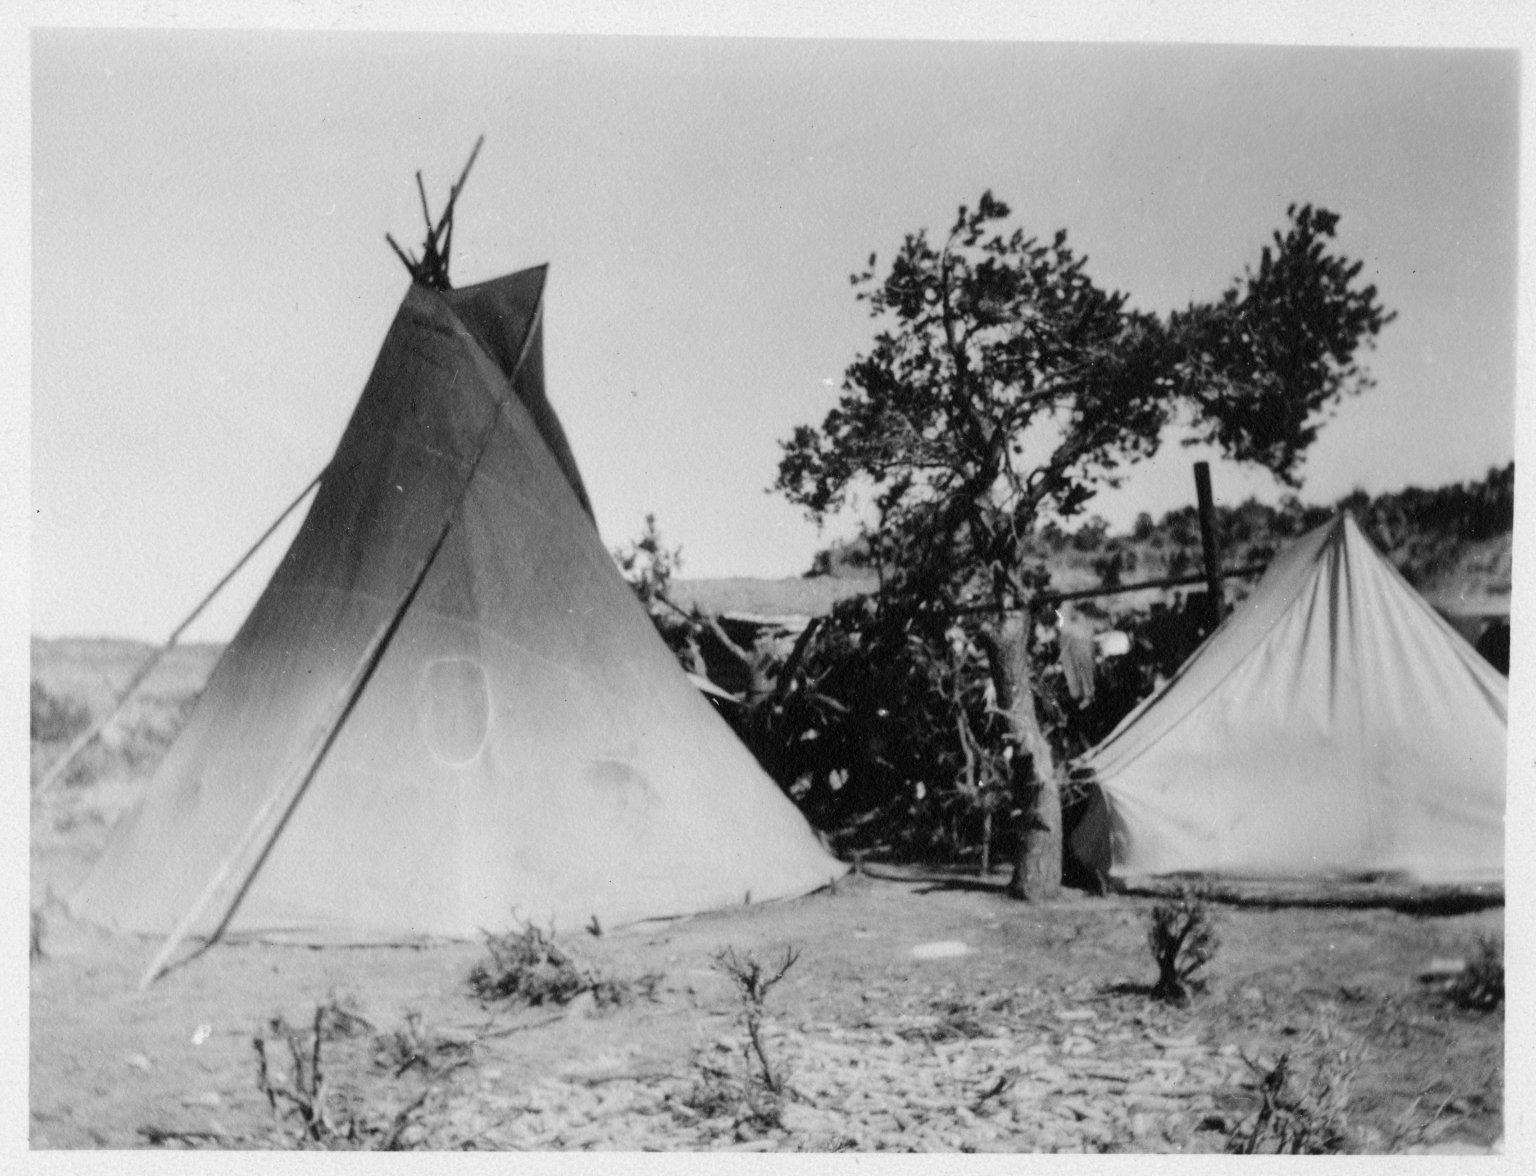 Jicarilla Apache camp